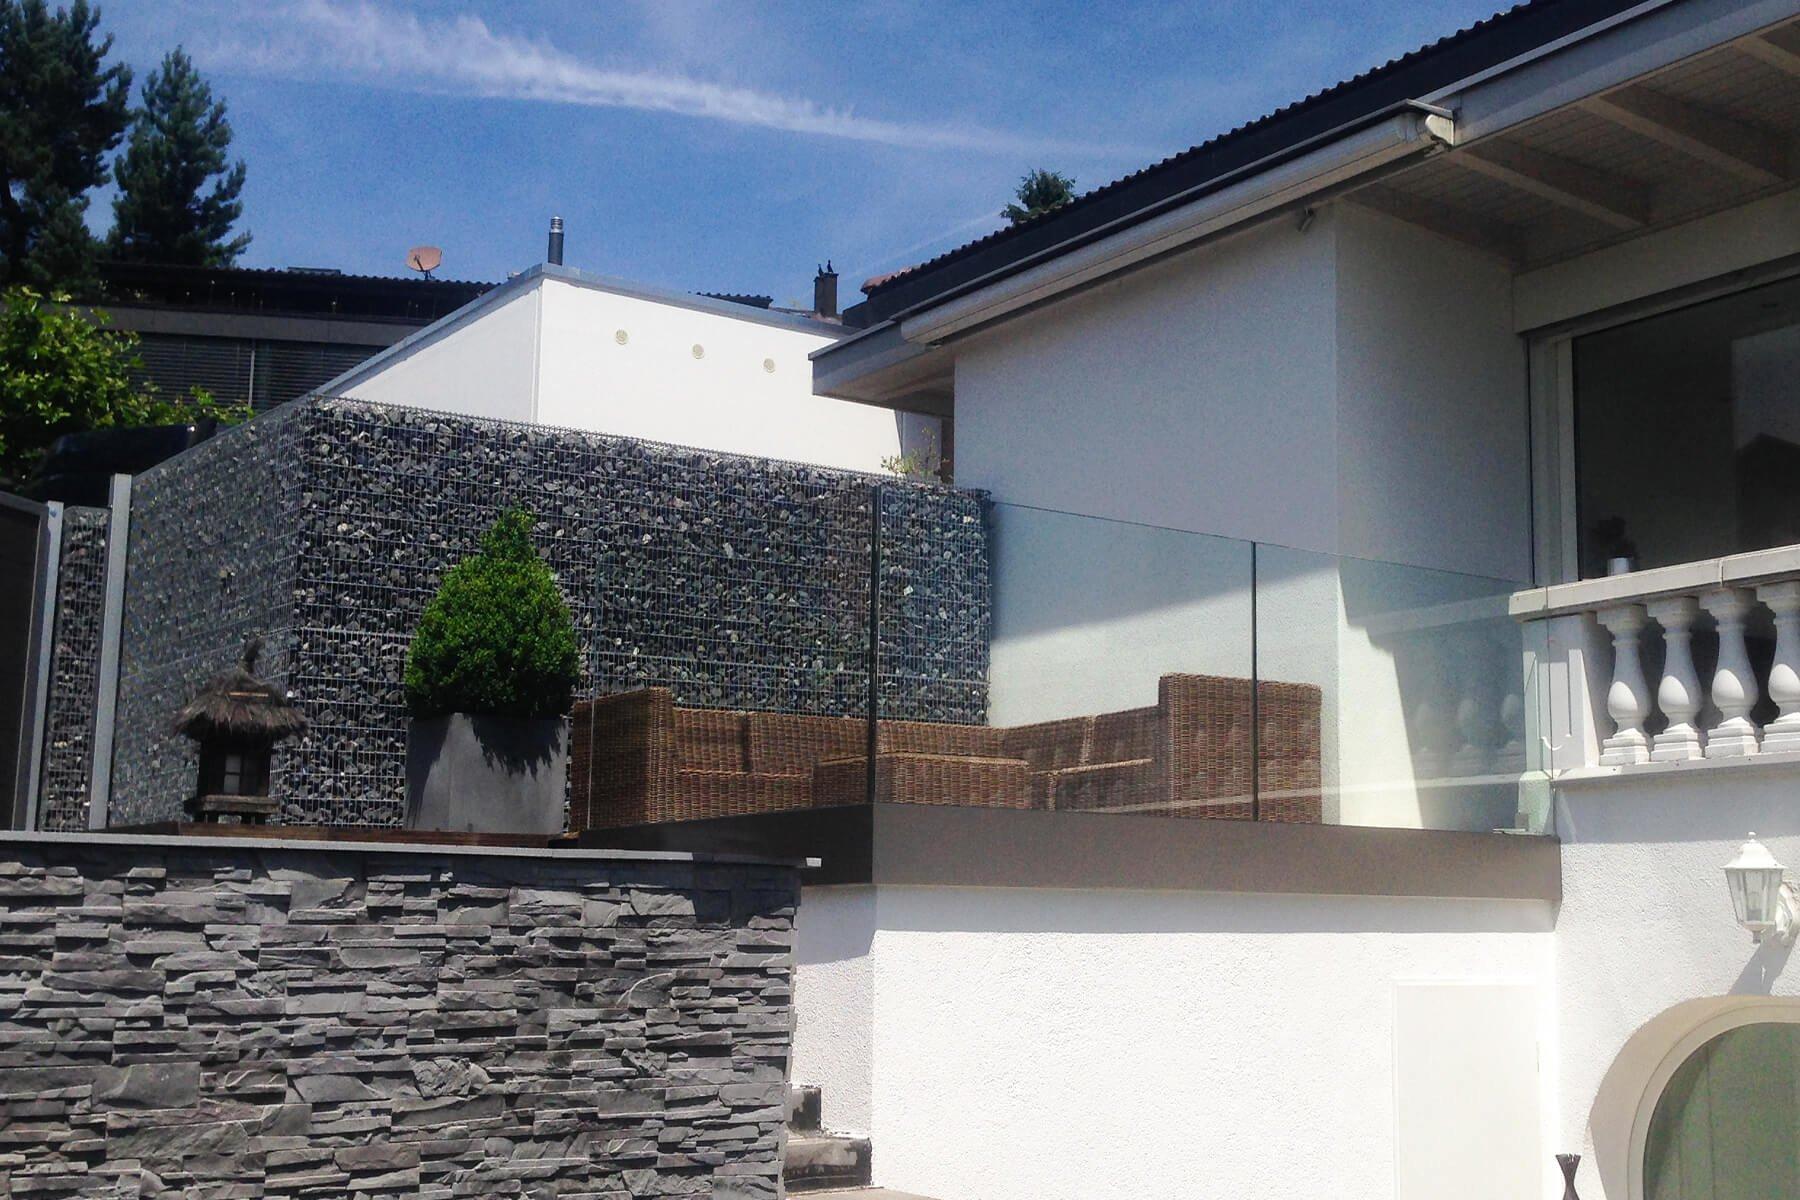 Maximale Verarbeitungsqulitaet Glasgelaender Variante ideal fuer den Garten und die Terrasse